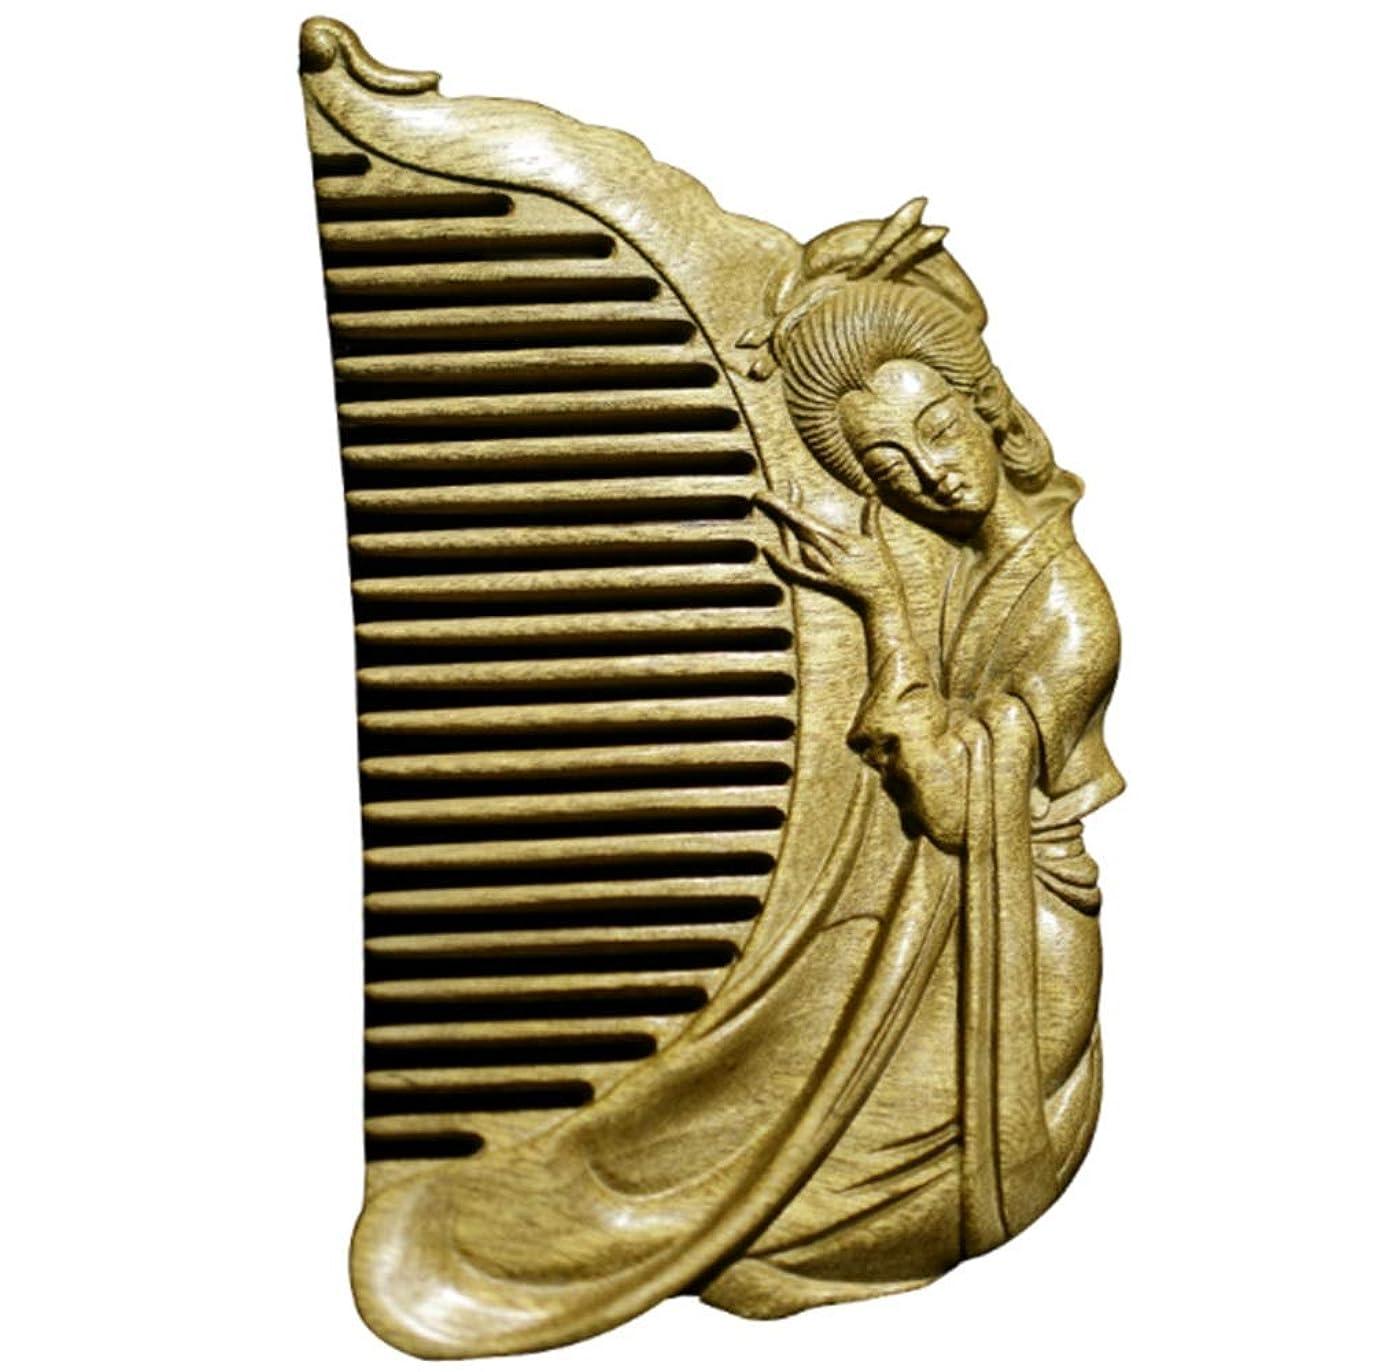 検出する励起合体Fashian手彫りの女性の櫛/黒檀の櫛は、母親と友達に送ることができます モデリングツール (色 : Wood)